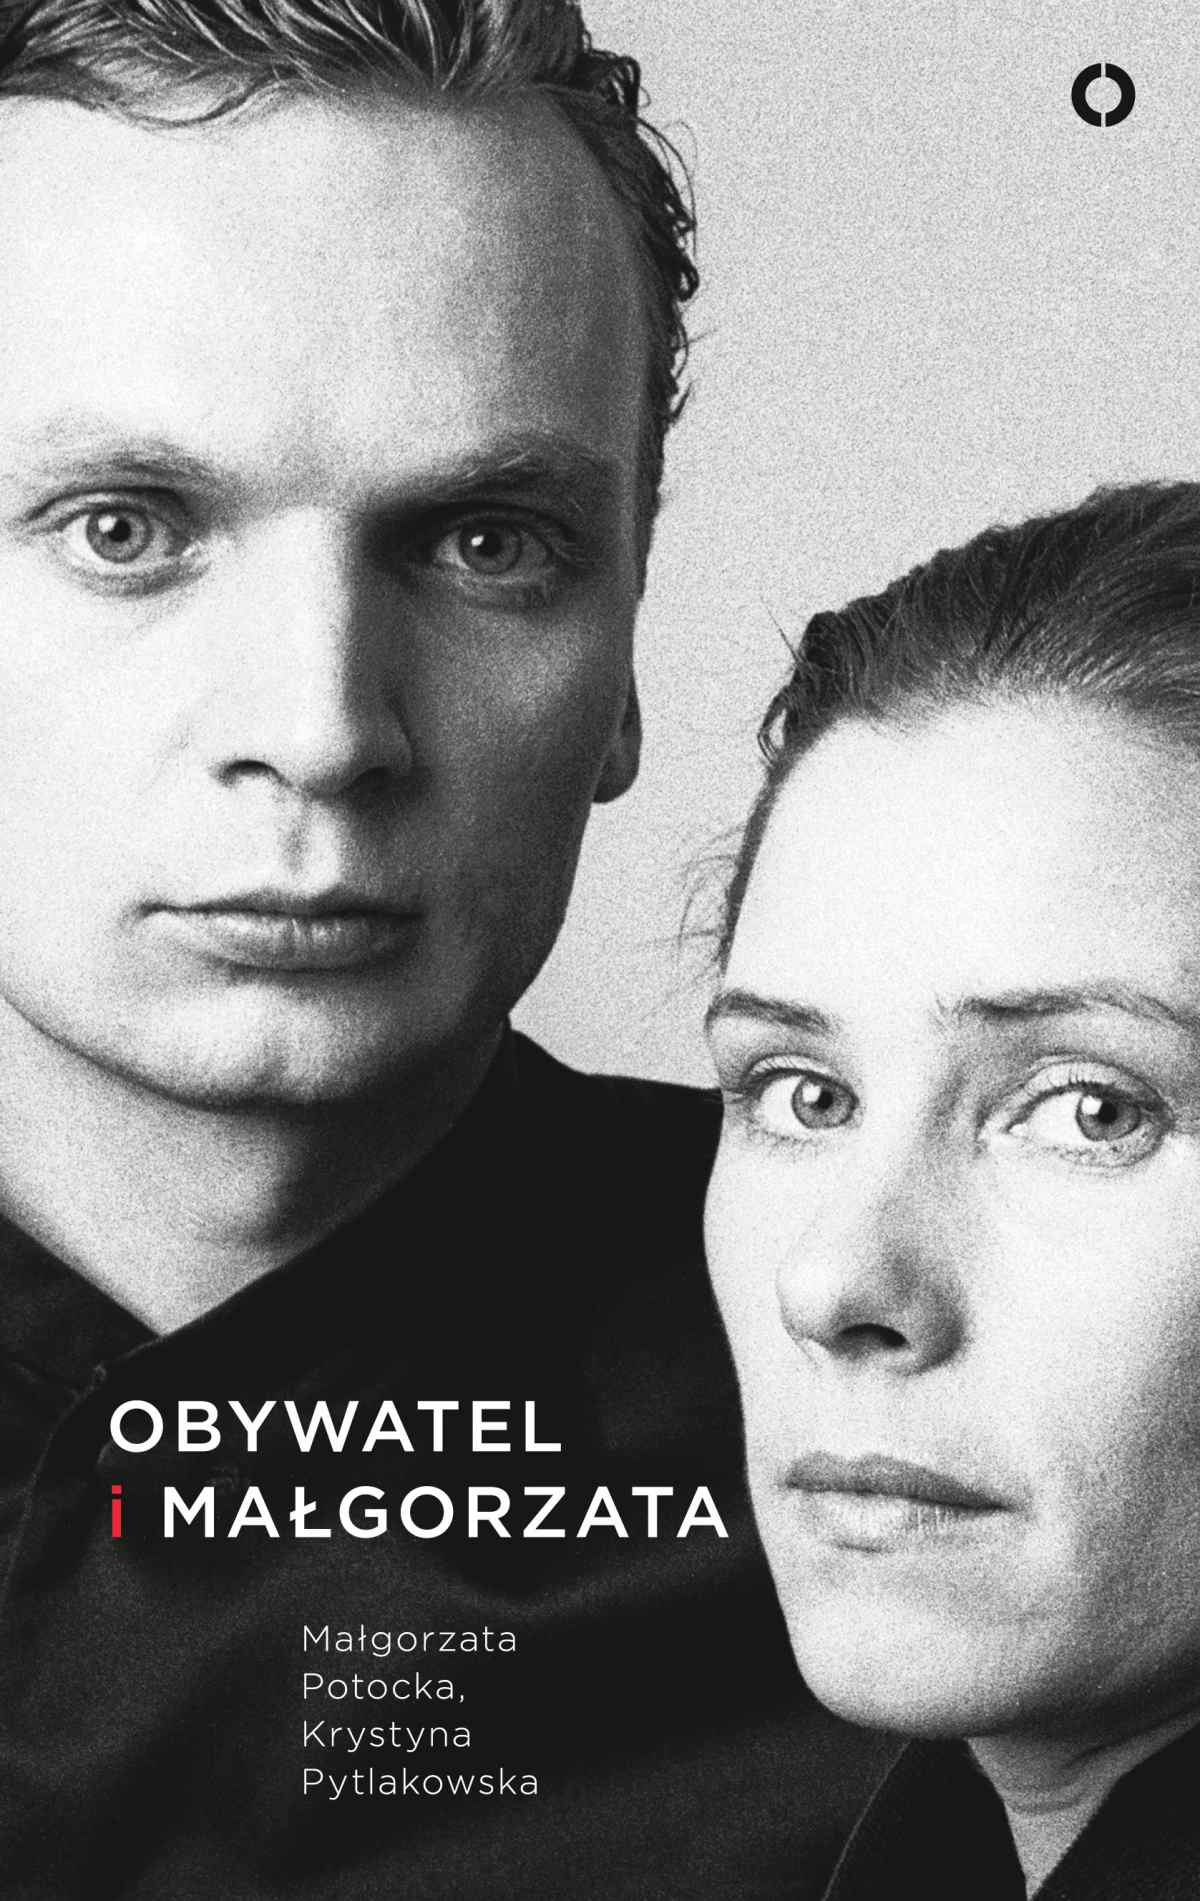 Obywatel i Małgorzata - Ebook (Książka na Kindle) do pobrania w formacie MOBI